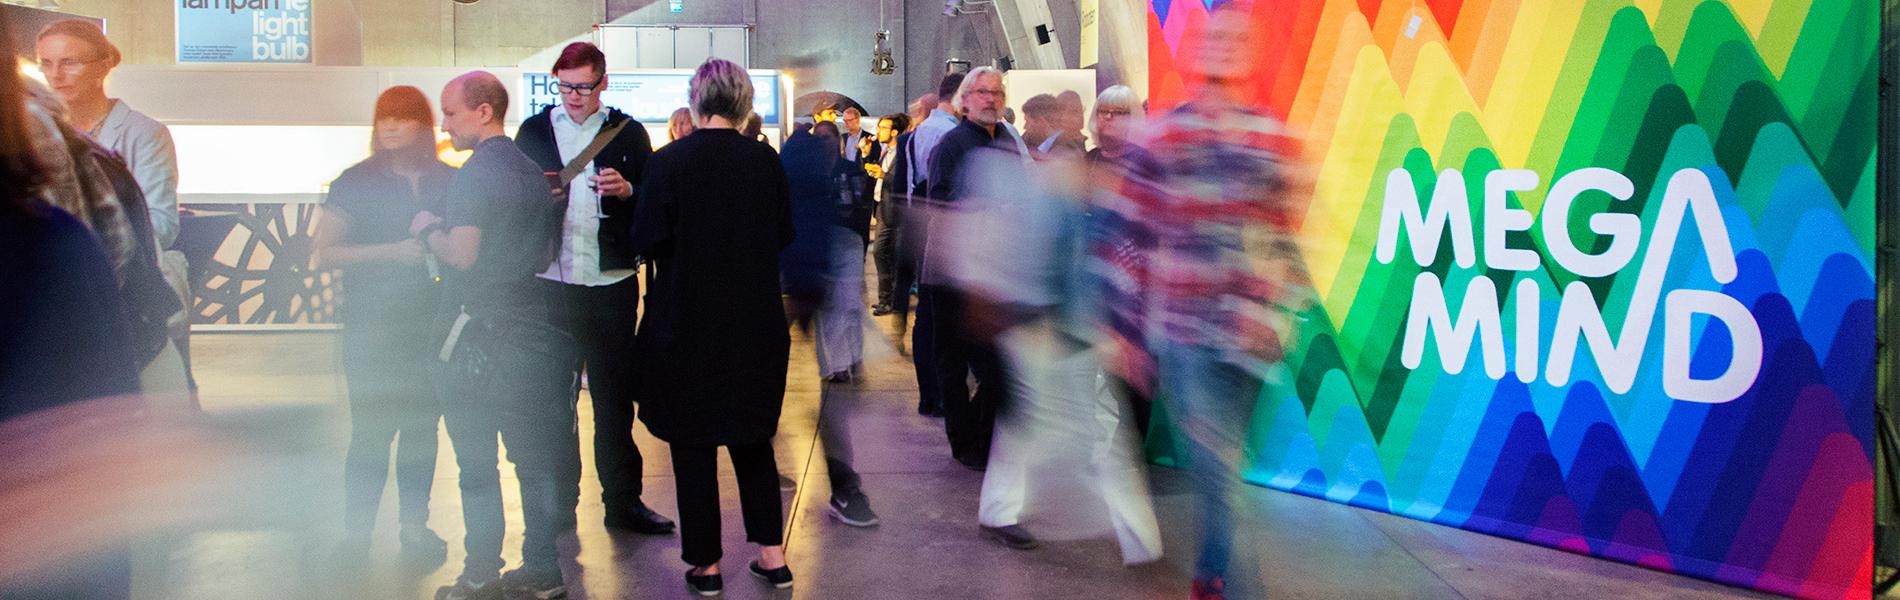 Många människor minglar i en utställning.